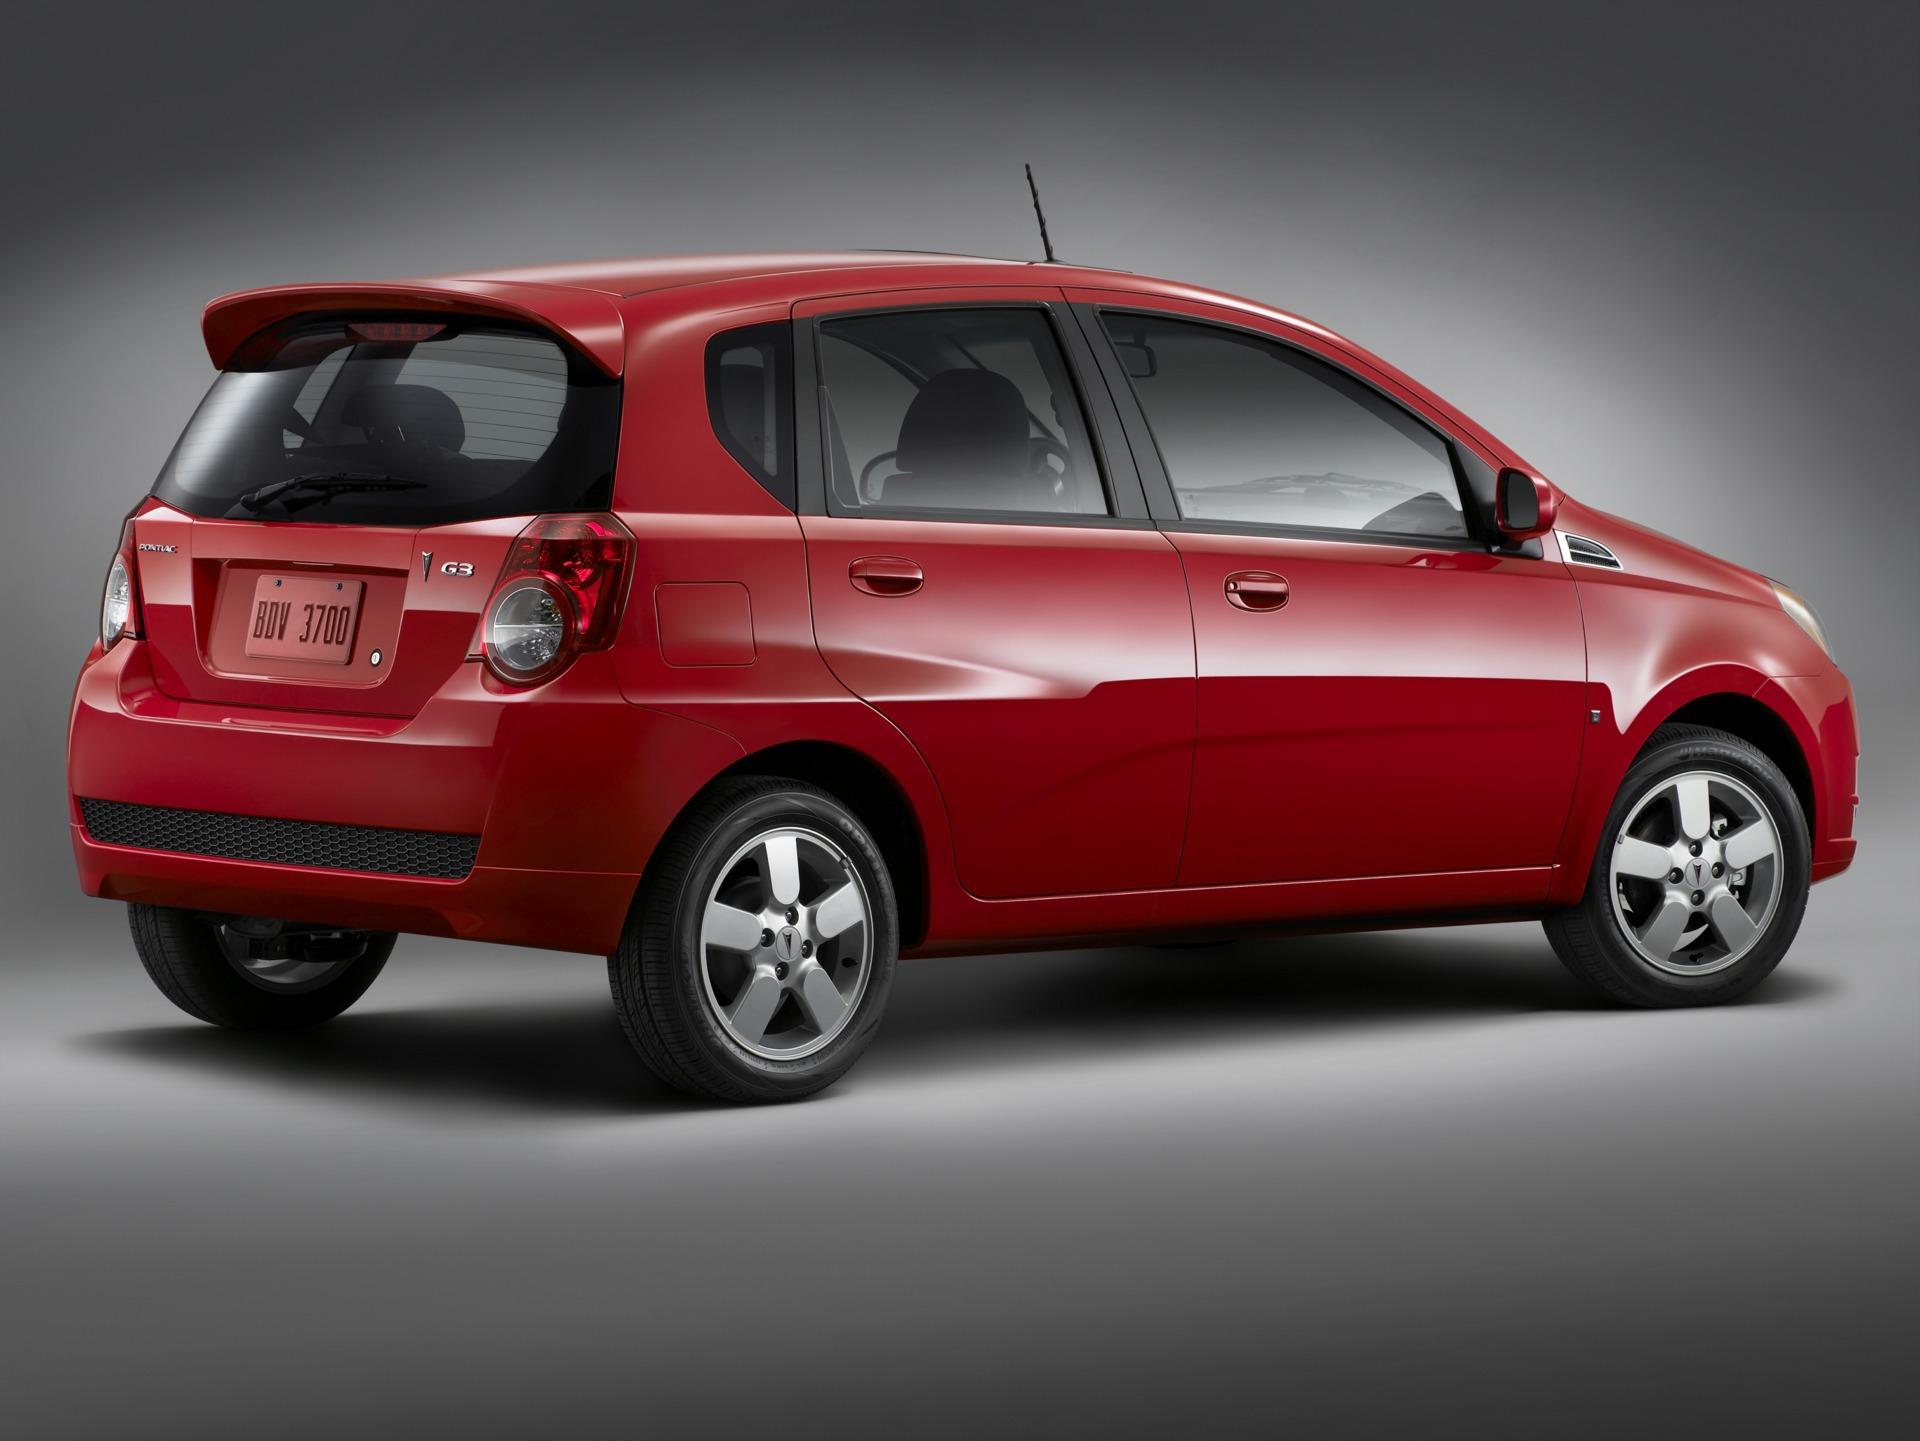 2009 Pontiac G3 News and Information | conceptcarz.com